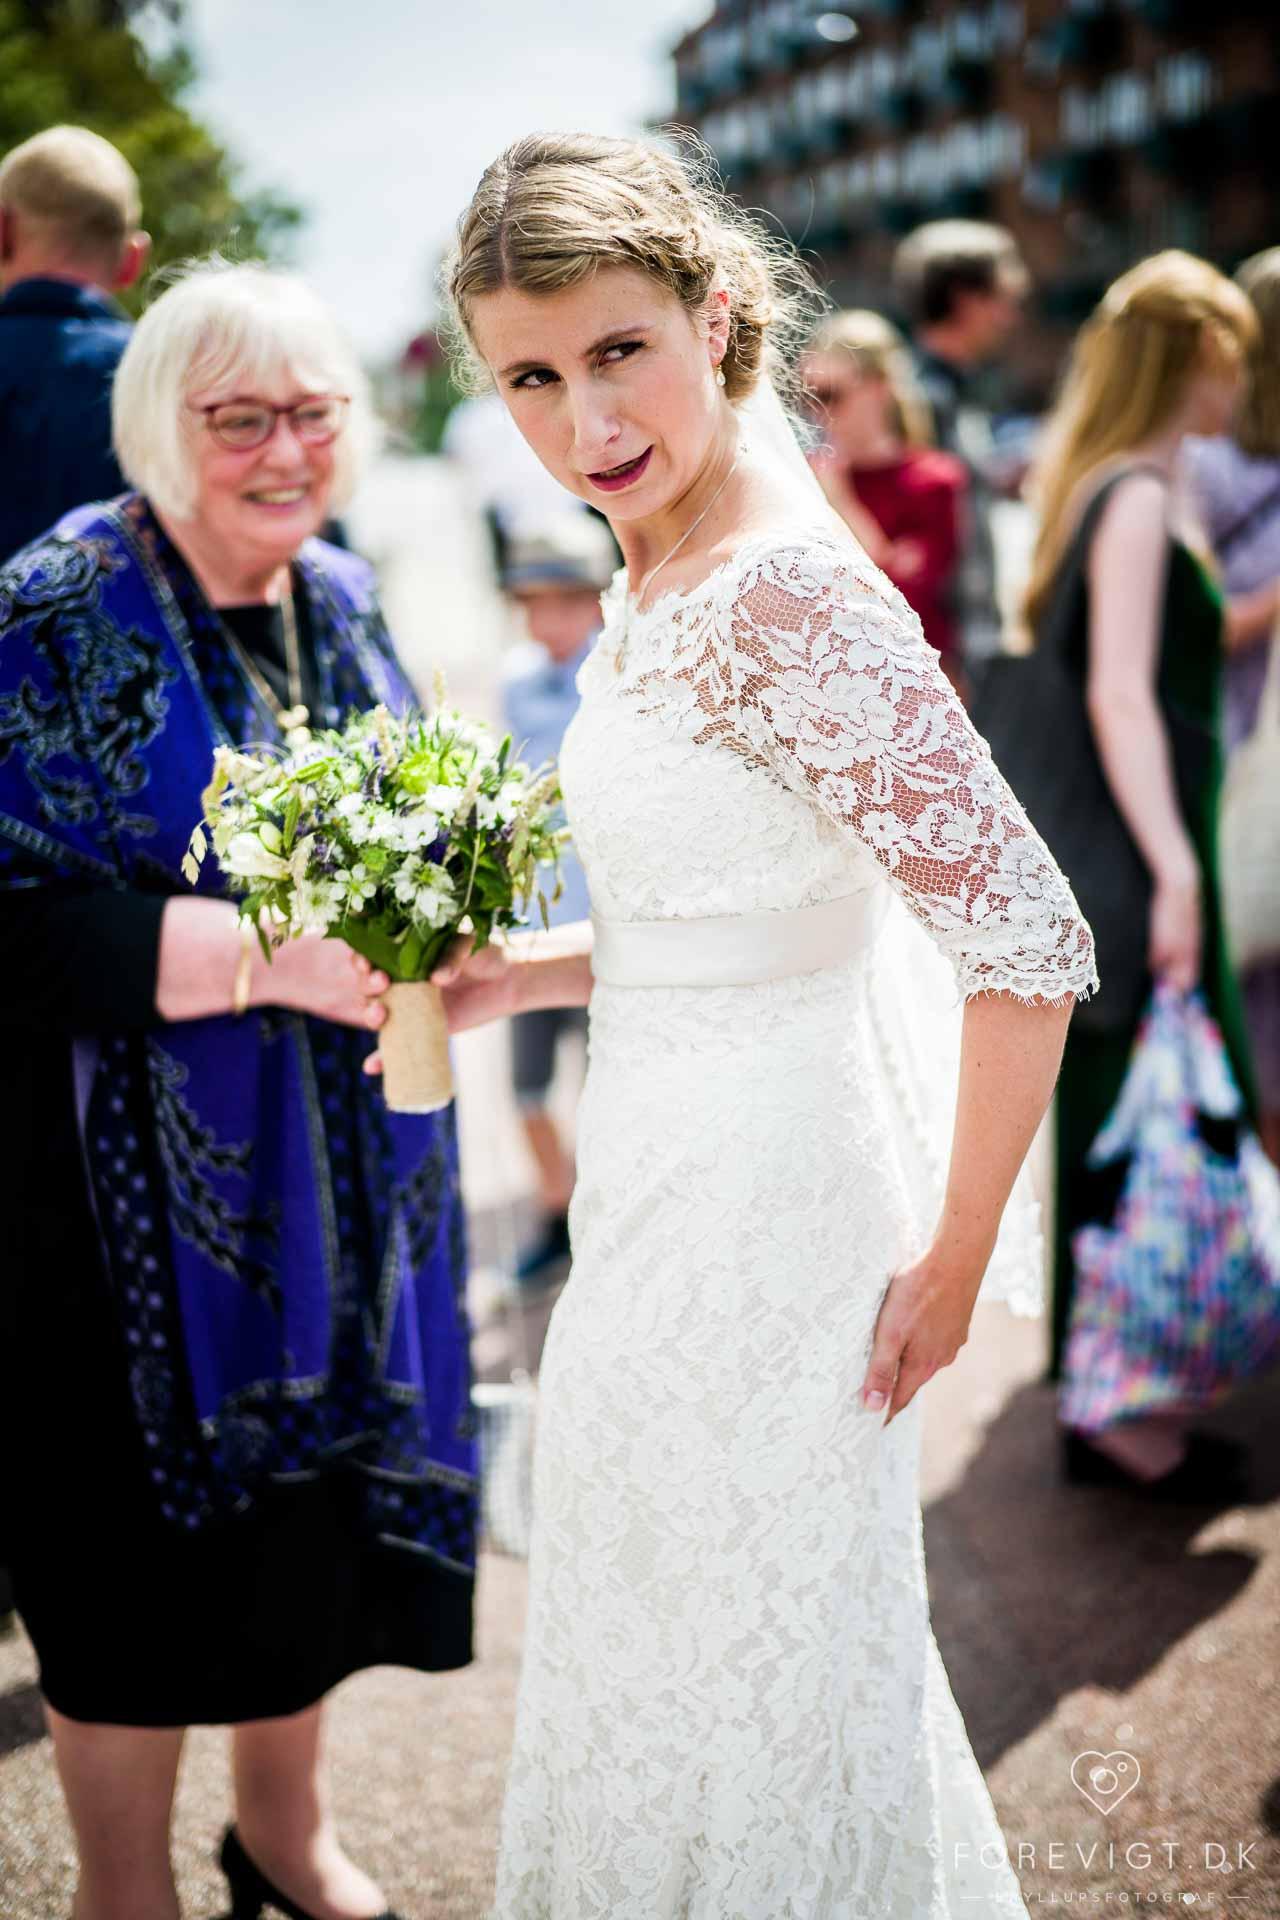 Bryllupsmesse | Hvad koster et bryllup i 2020?